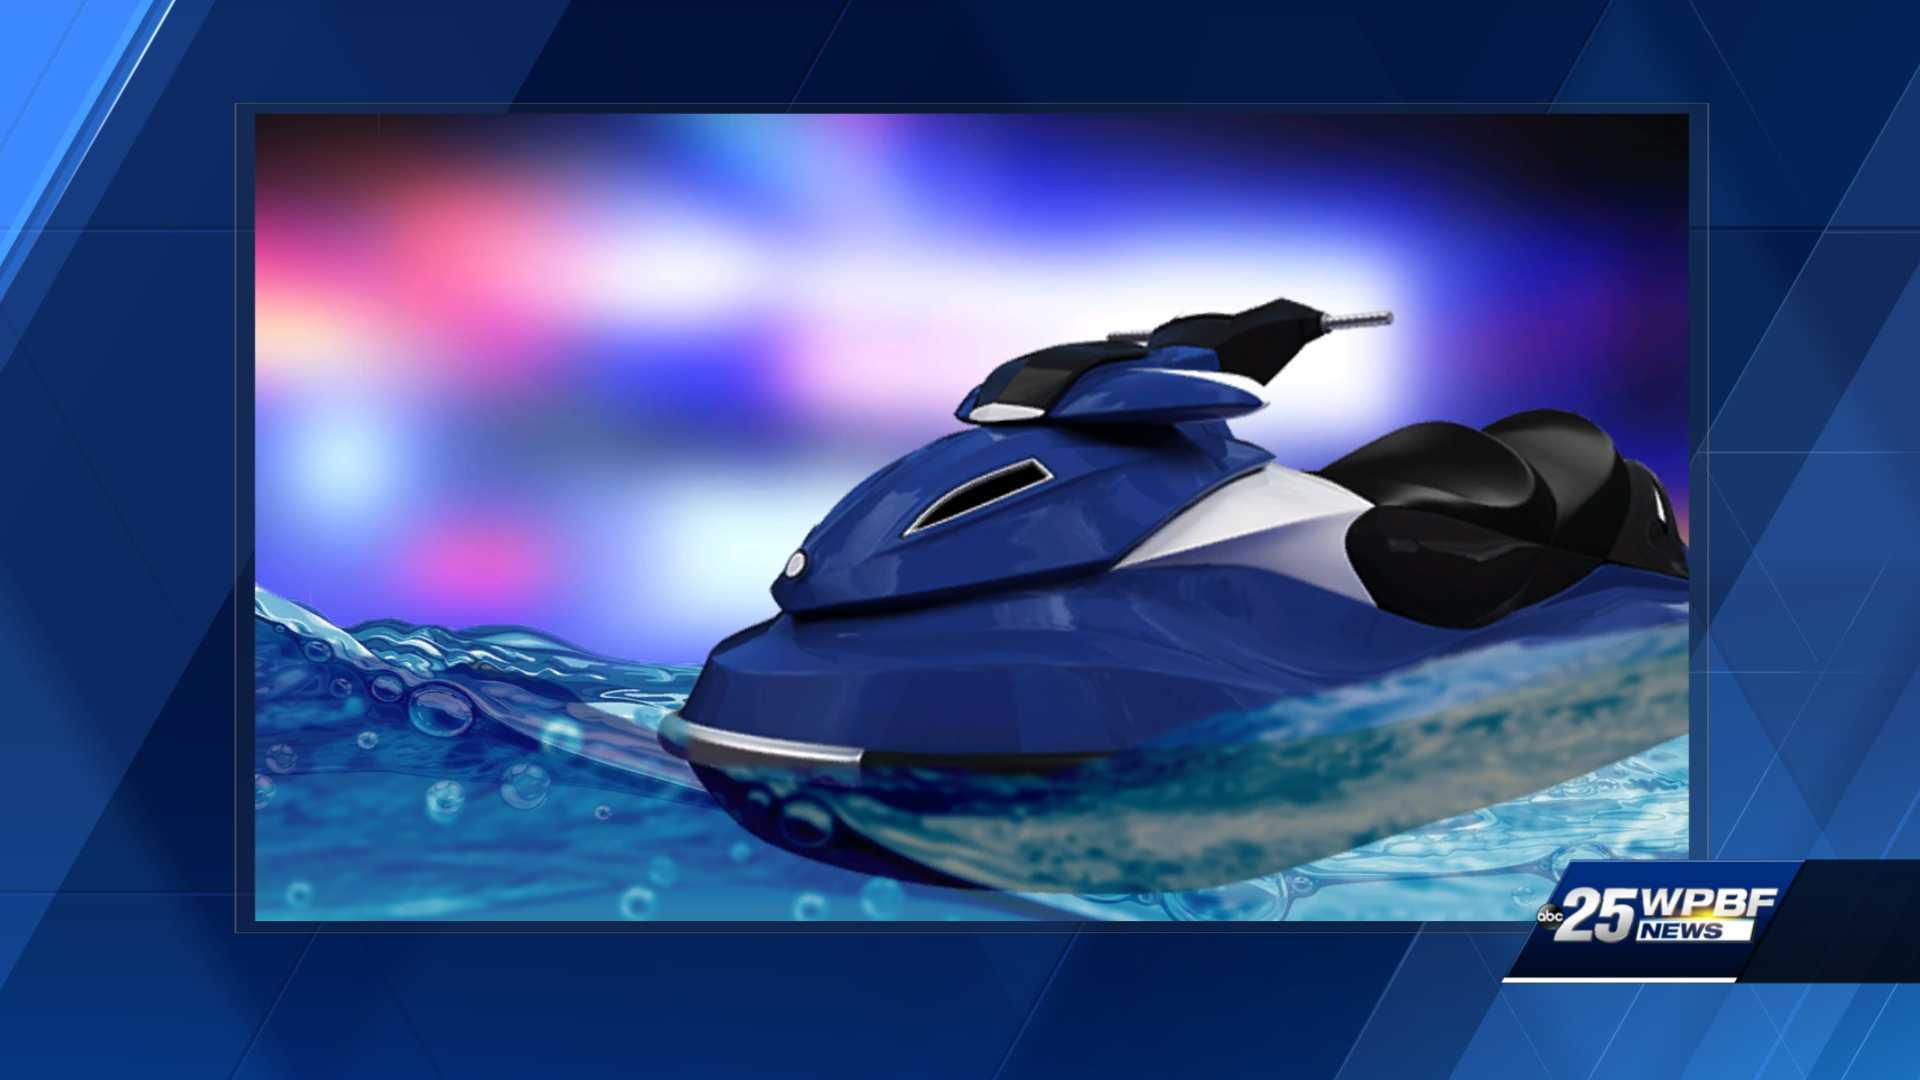 Two injured in jet ski collision near Jupiter Inlet